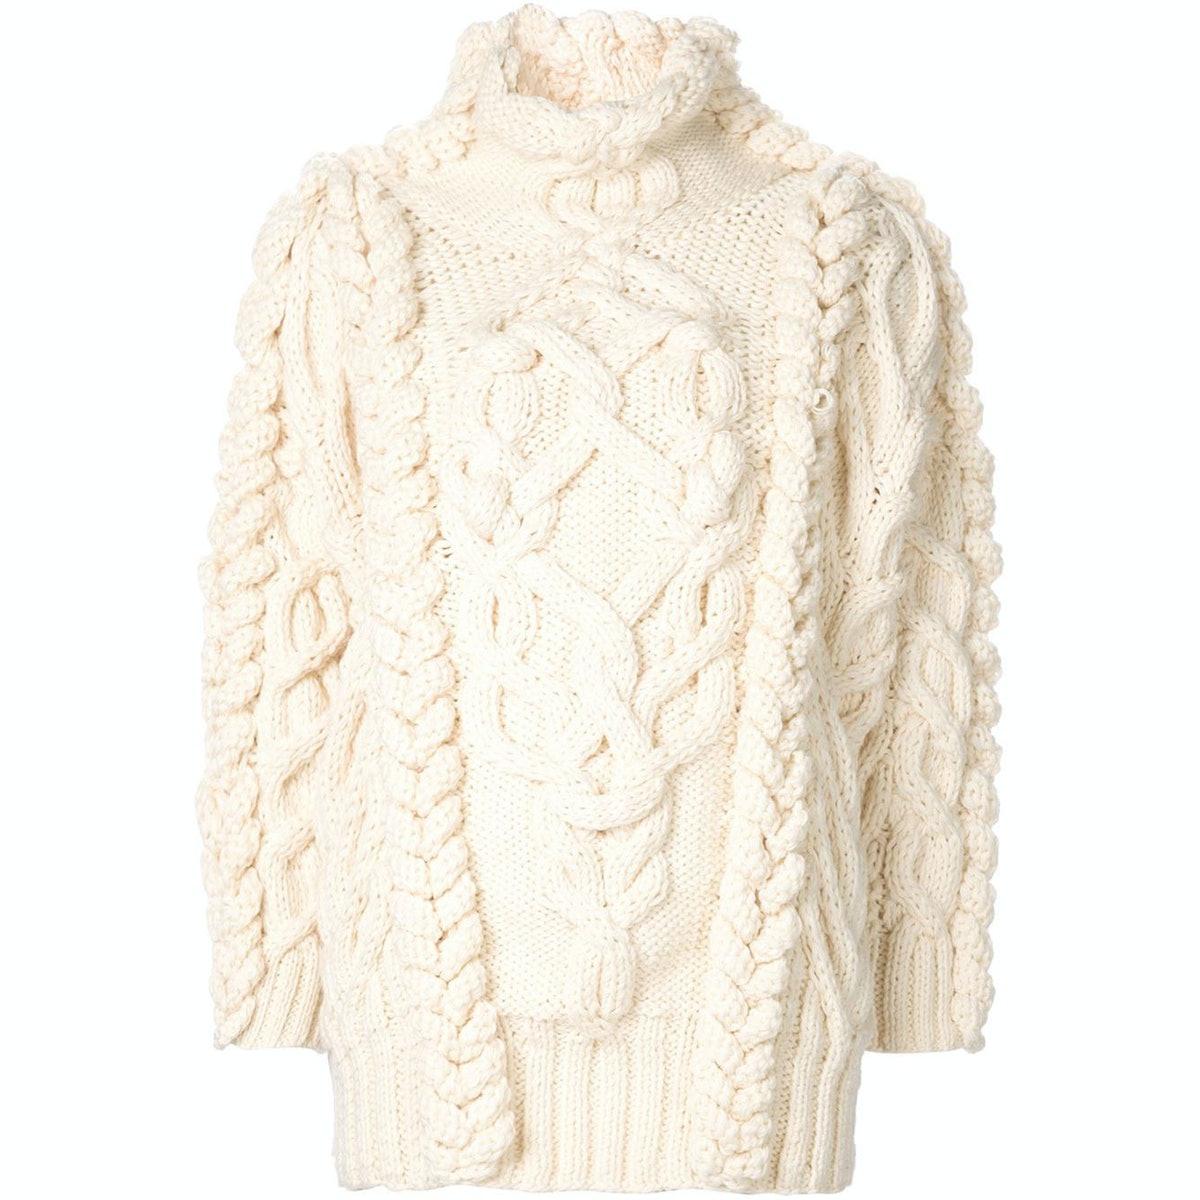 Spencer Vladimir sweater